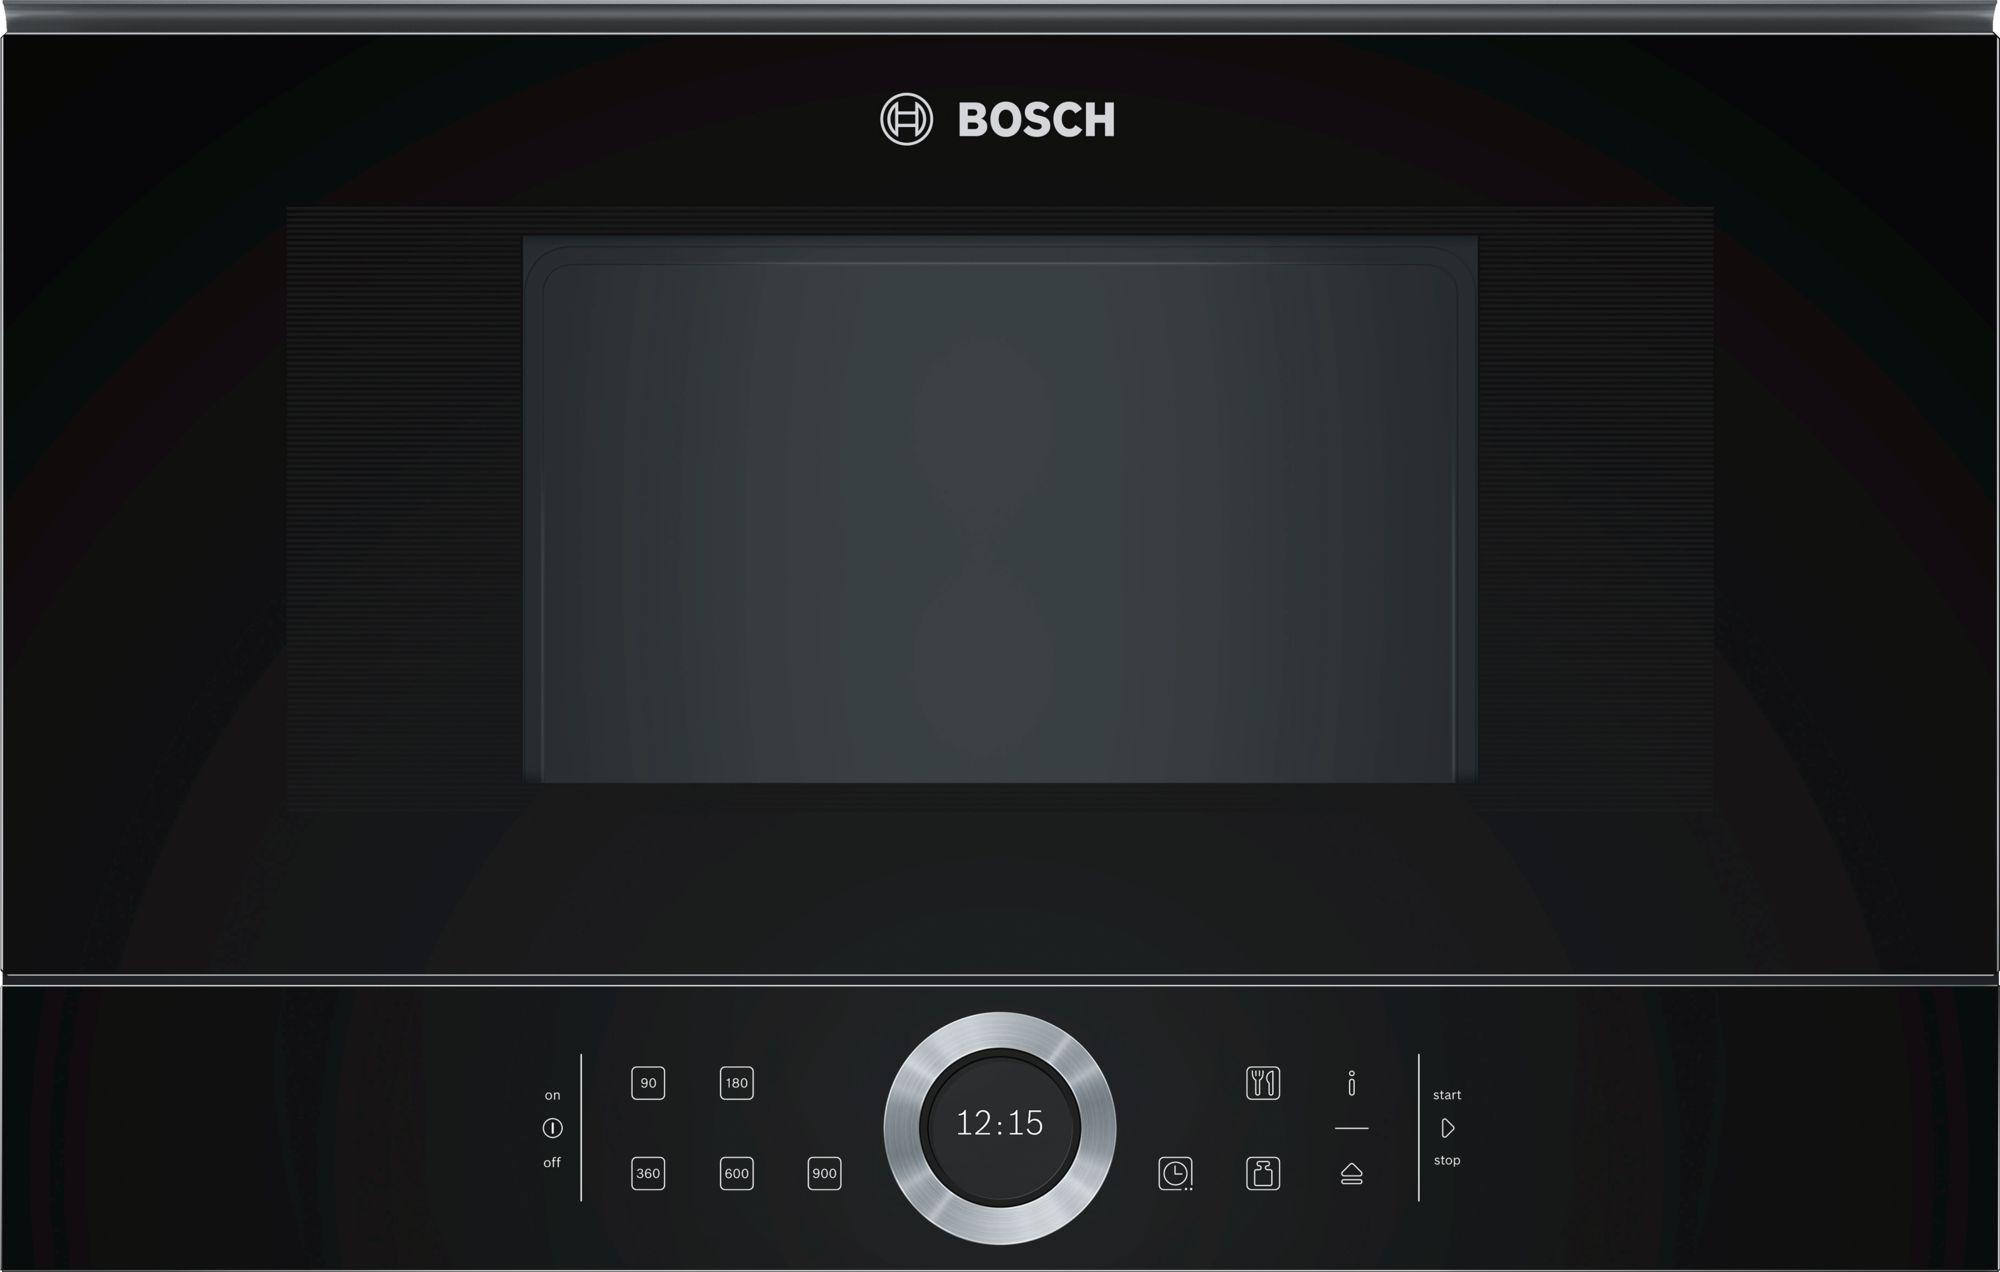 Lò vi sóng Bosch BFL634GB1B | KitchenTown